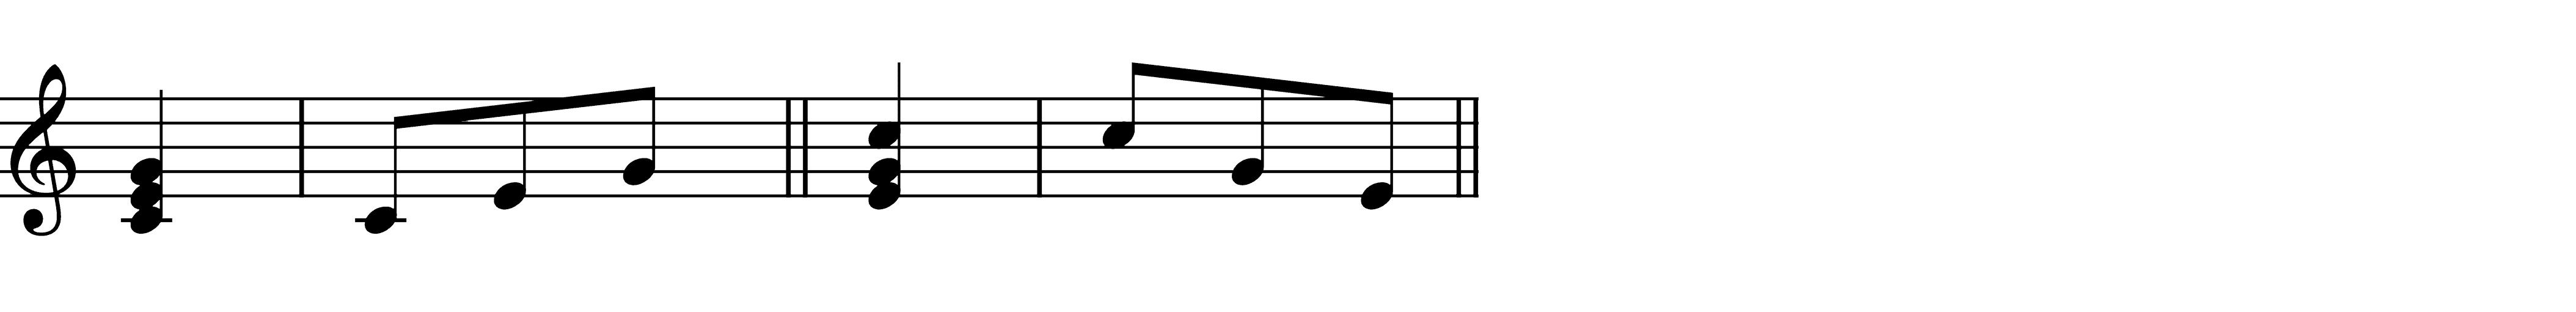 chord vs arpeggio